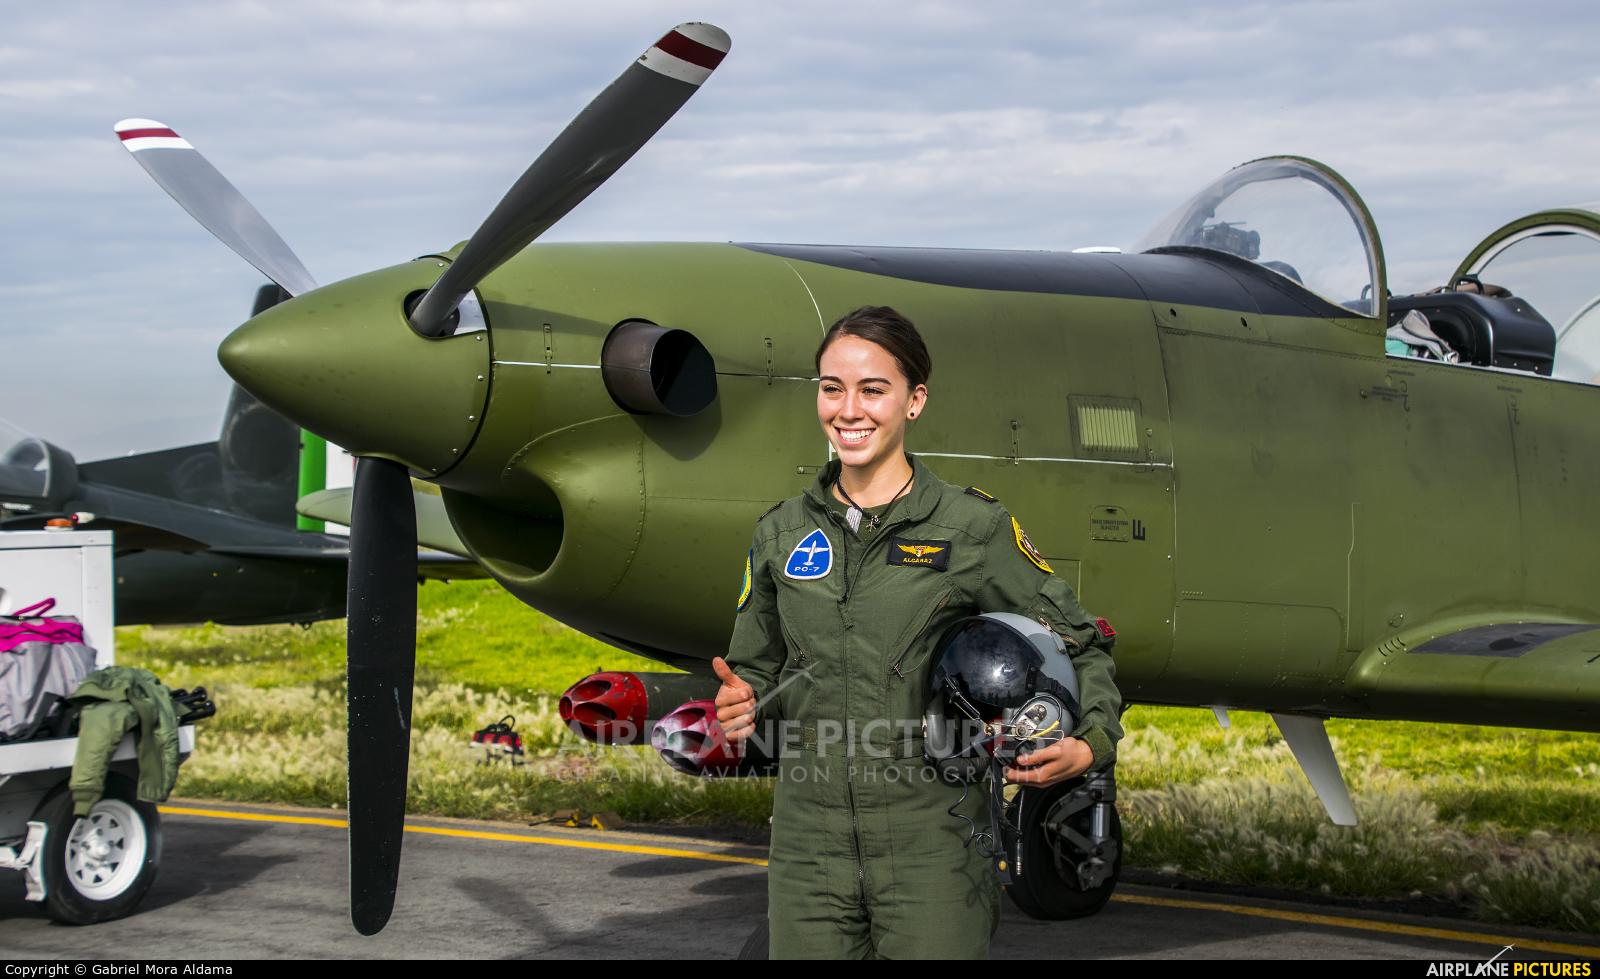 Mexico - Air Force 2528 aircraft at Santa Lucia AB